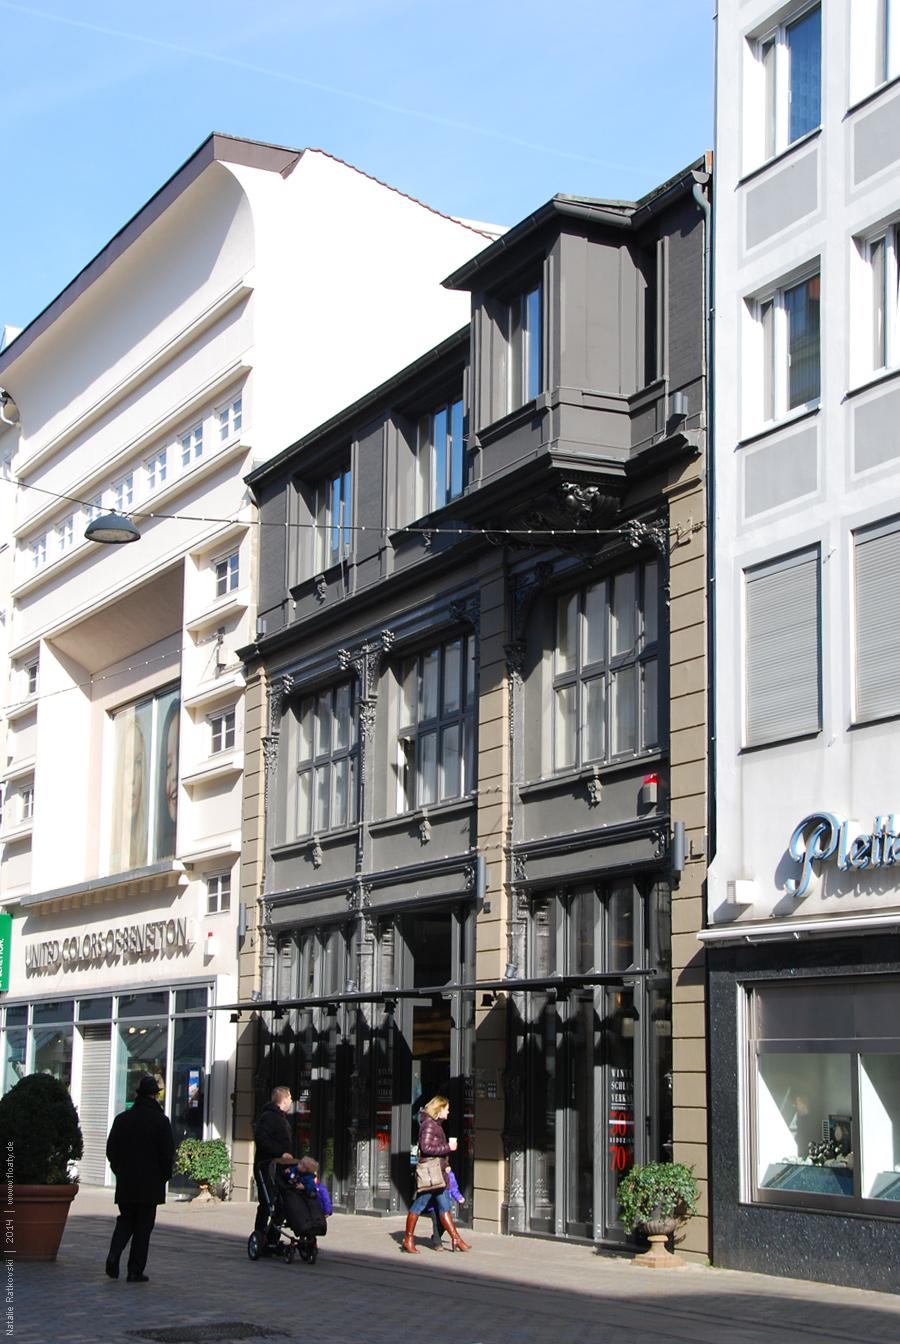 Bielefeld, Germany